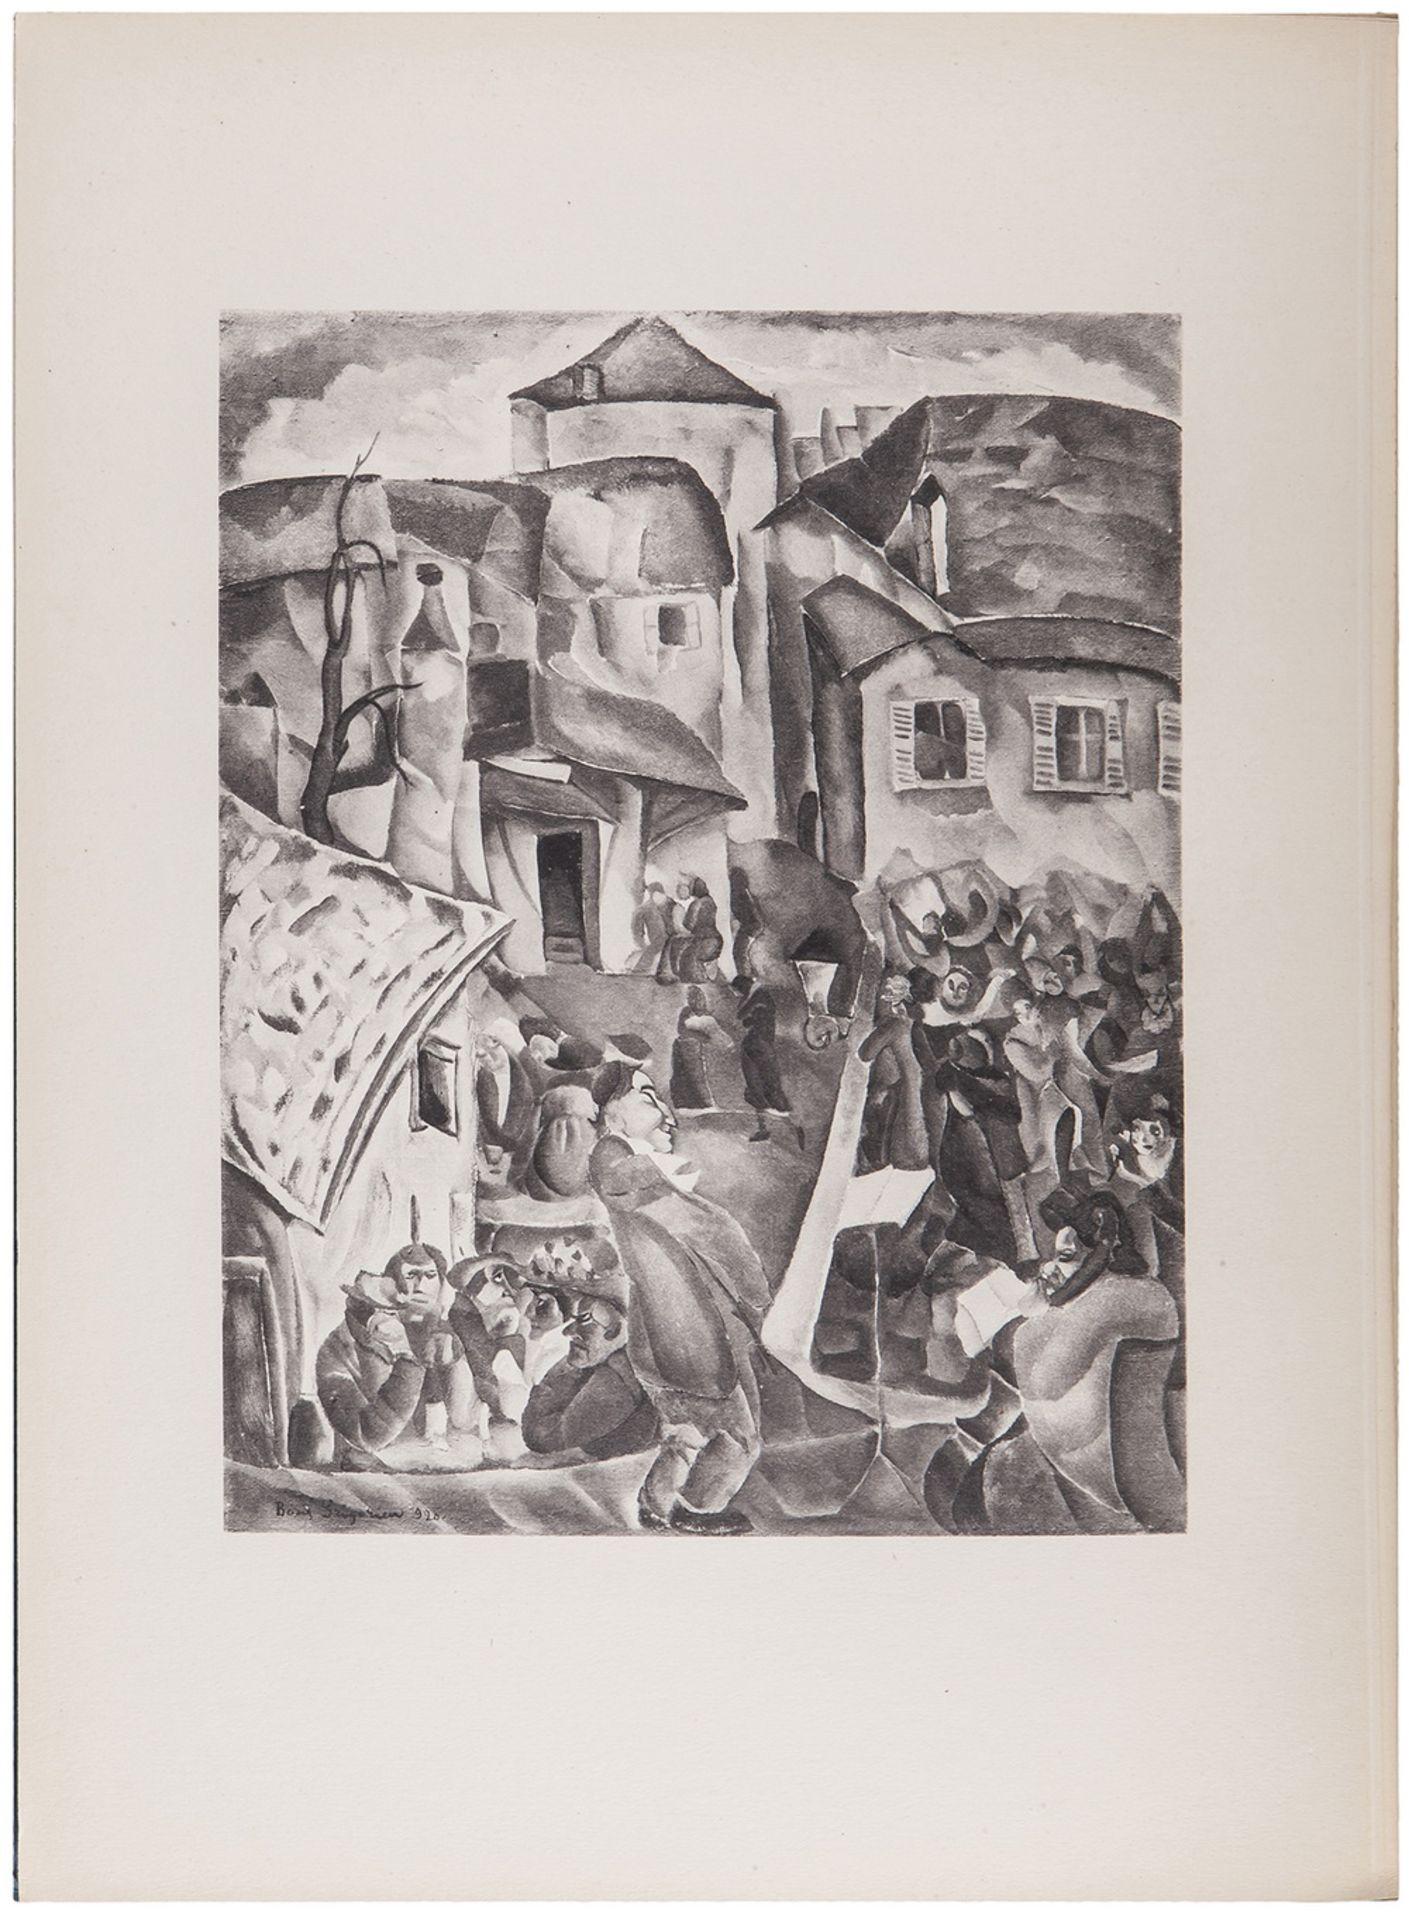 Grigorieff, B. Boui Bouis / Boris Grigorieff; text von Claude Farrere, S. Makowsky und B. Schloezer. - Bild 2 aus 5